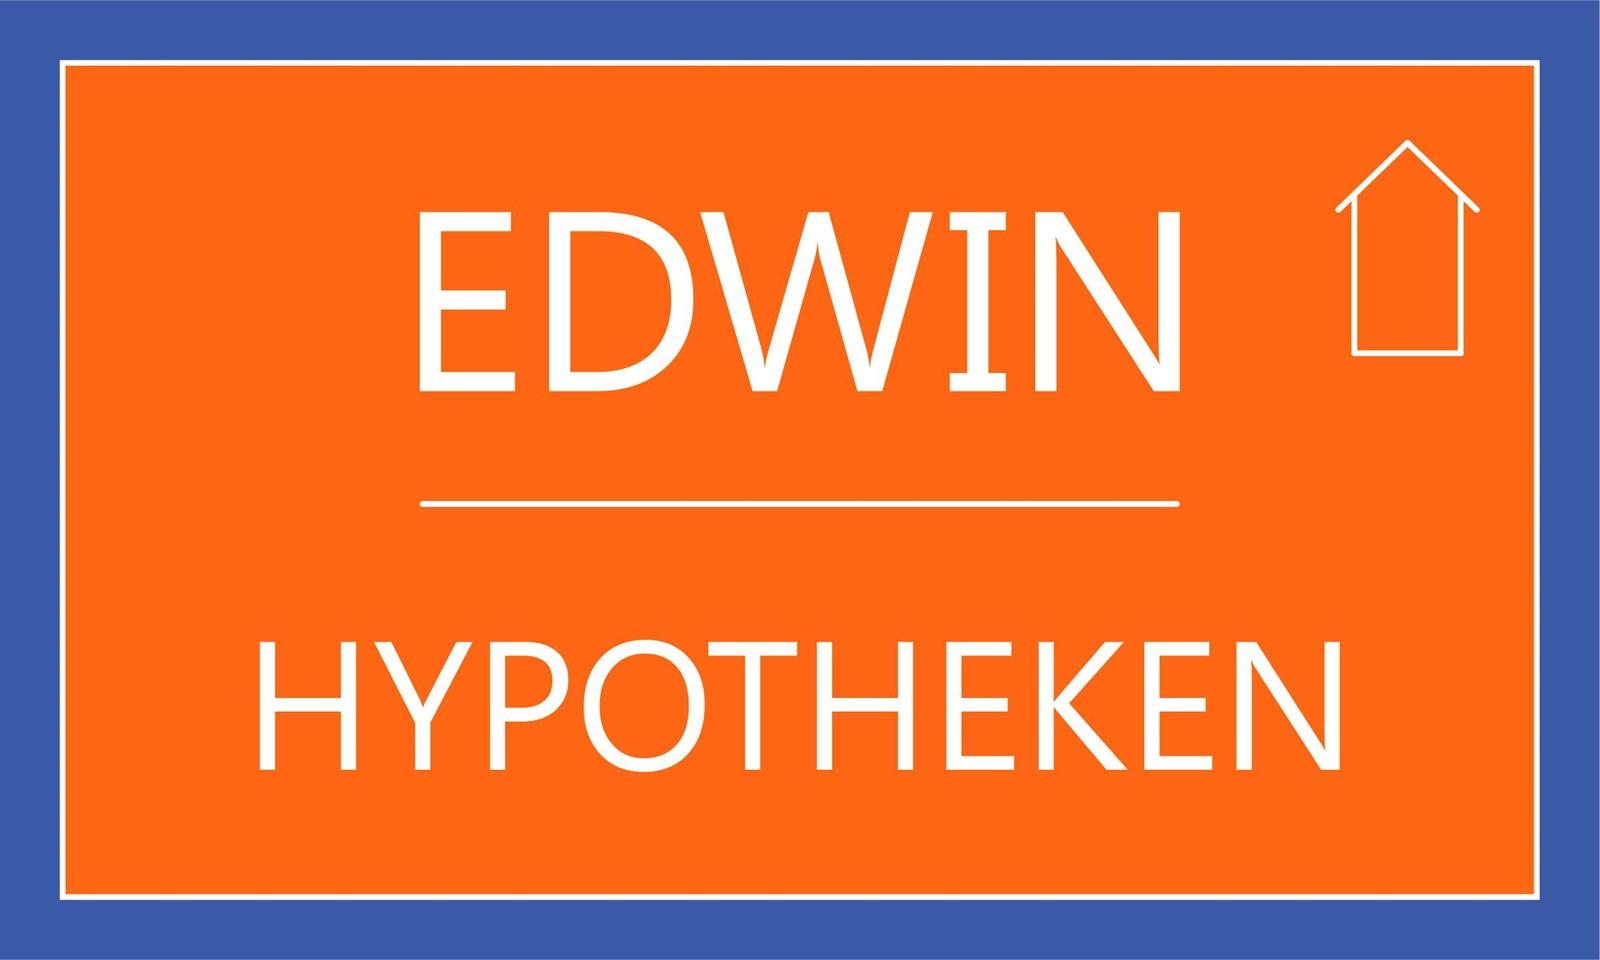 Afbeelding van EDWIN HYPOTHEKEN